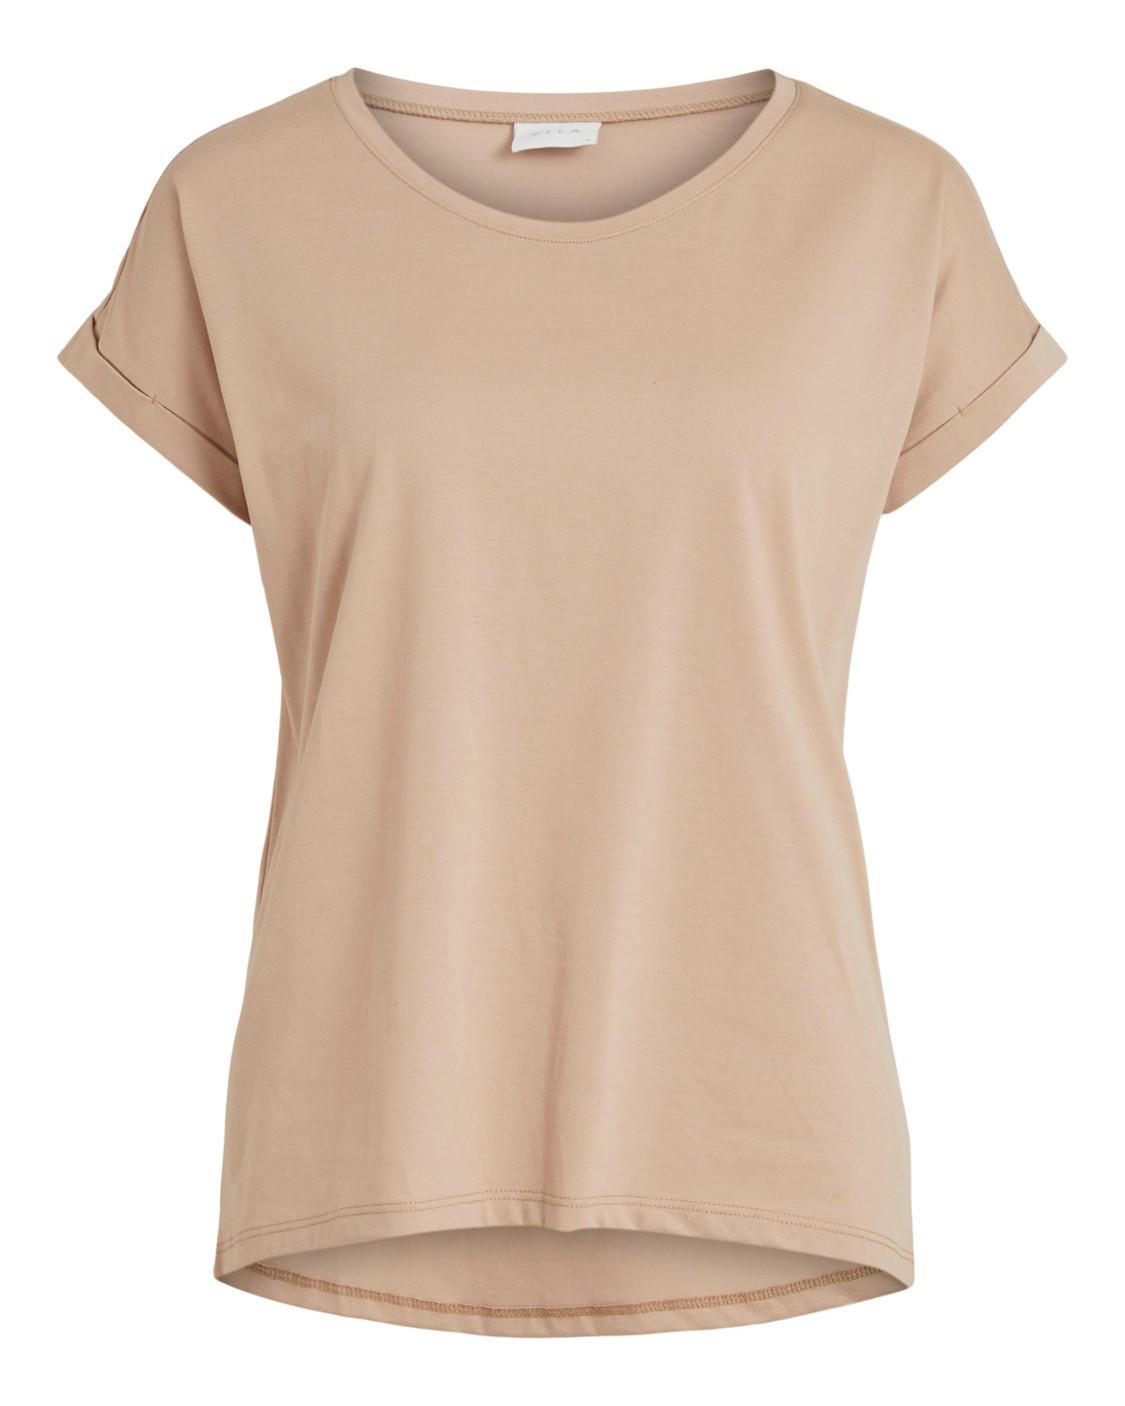 Marchio Vila Clothes Genere Donna Tipologia T-shirt Stagione Primavera/Esta…